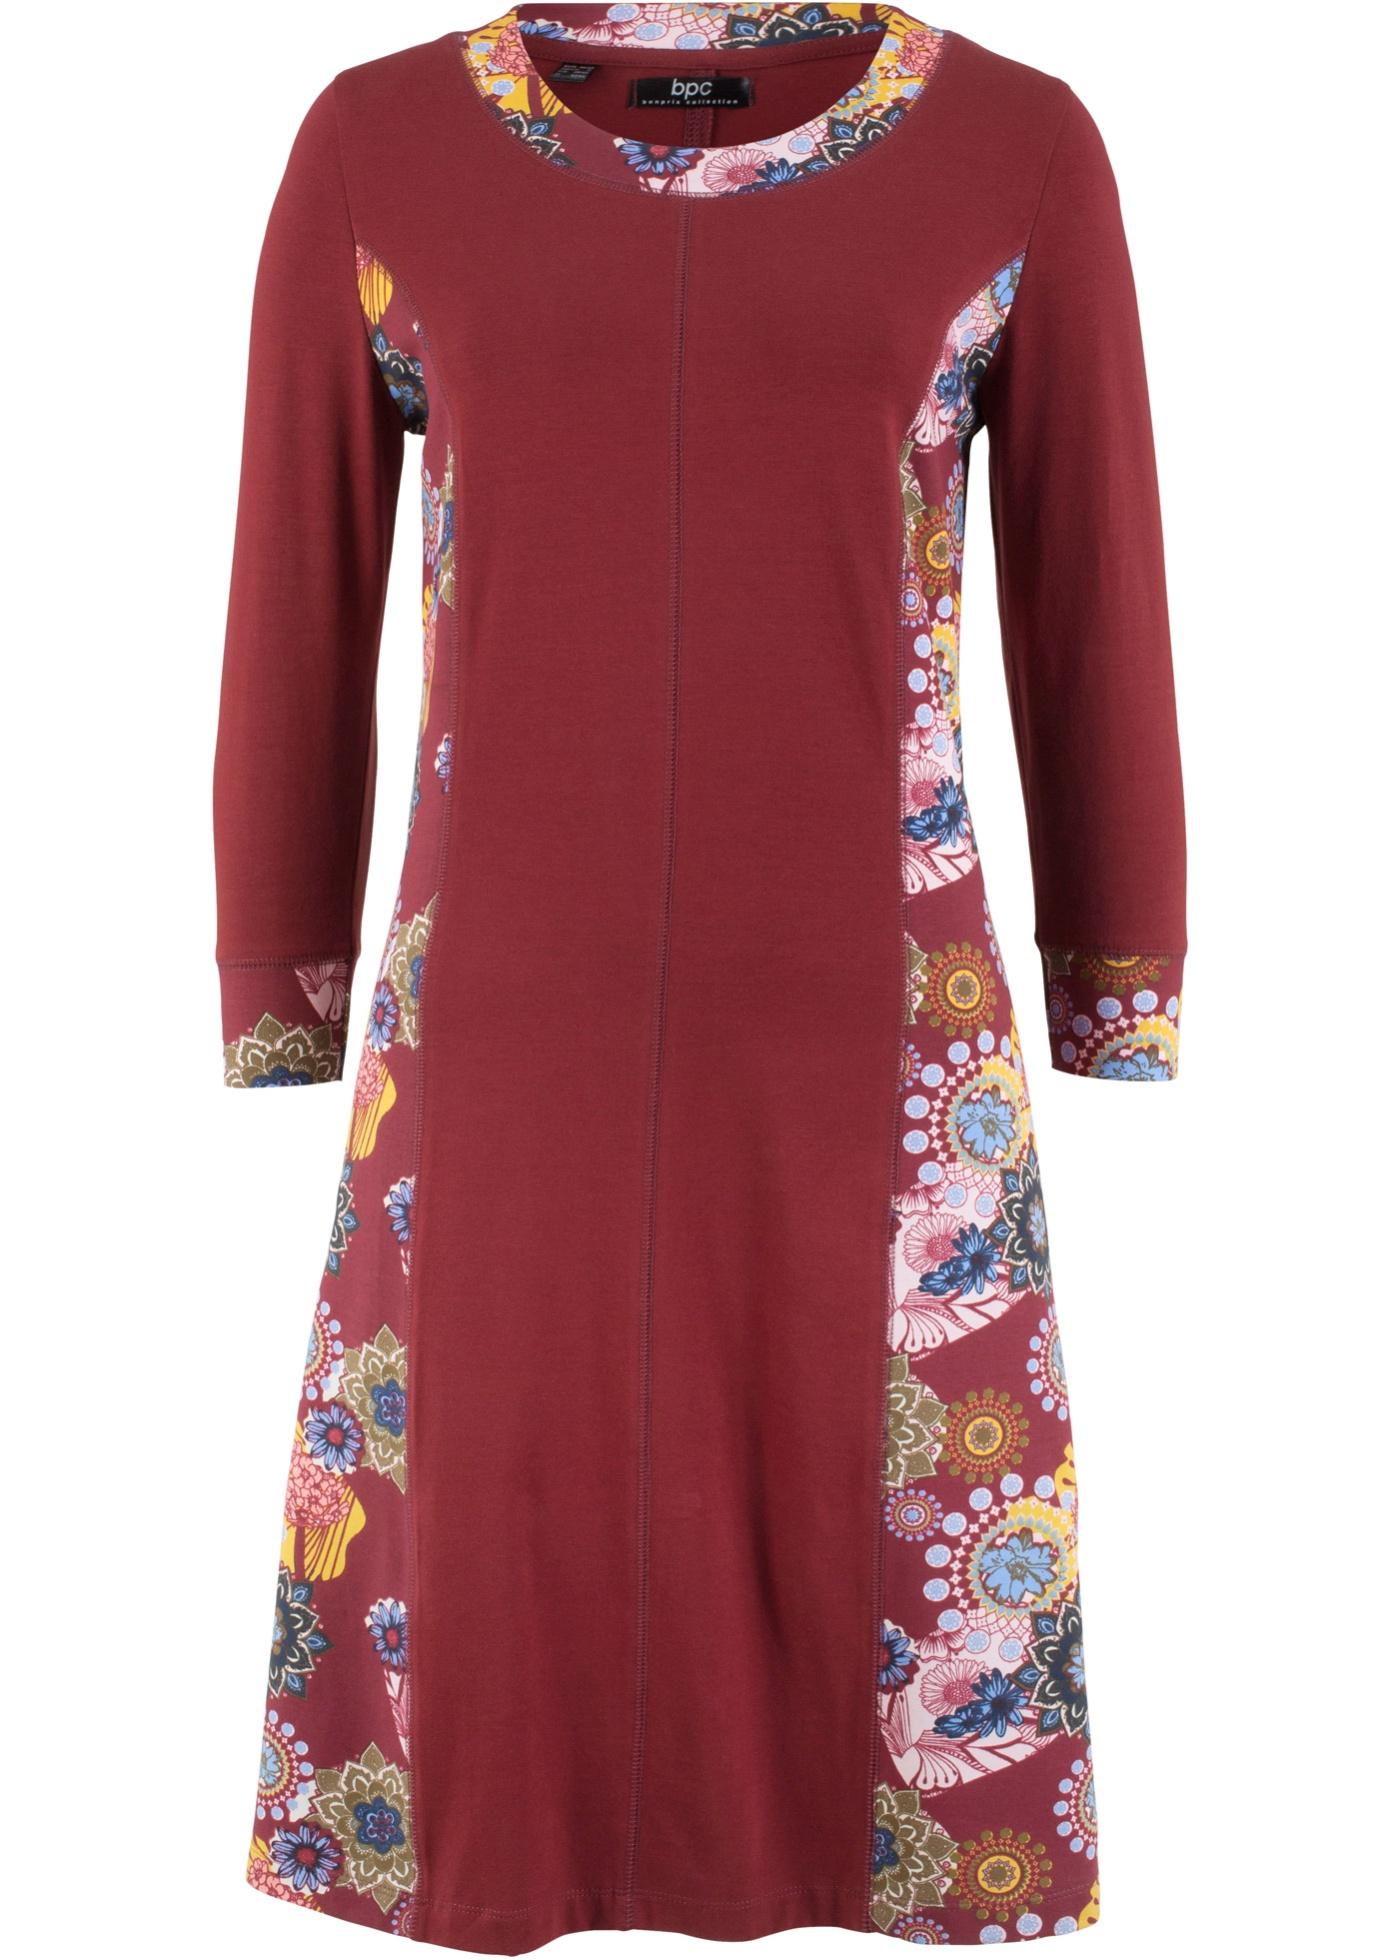 Pour Femme CollectionRobe 3 Bpc Bonprix Manches 4 D'été Jersey Rouge orCxdBe